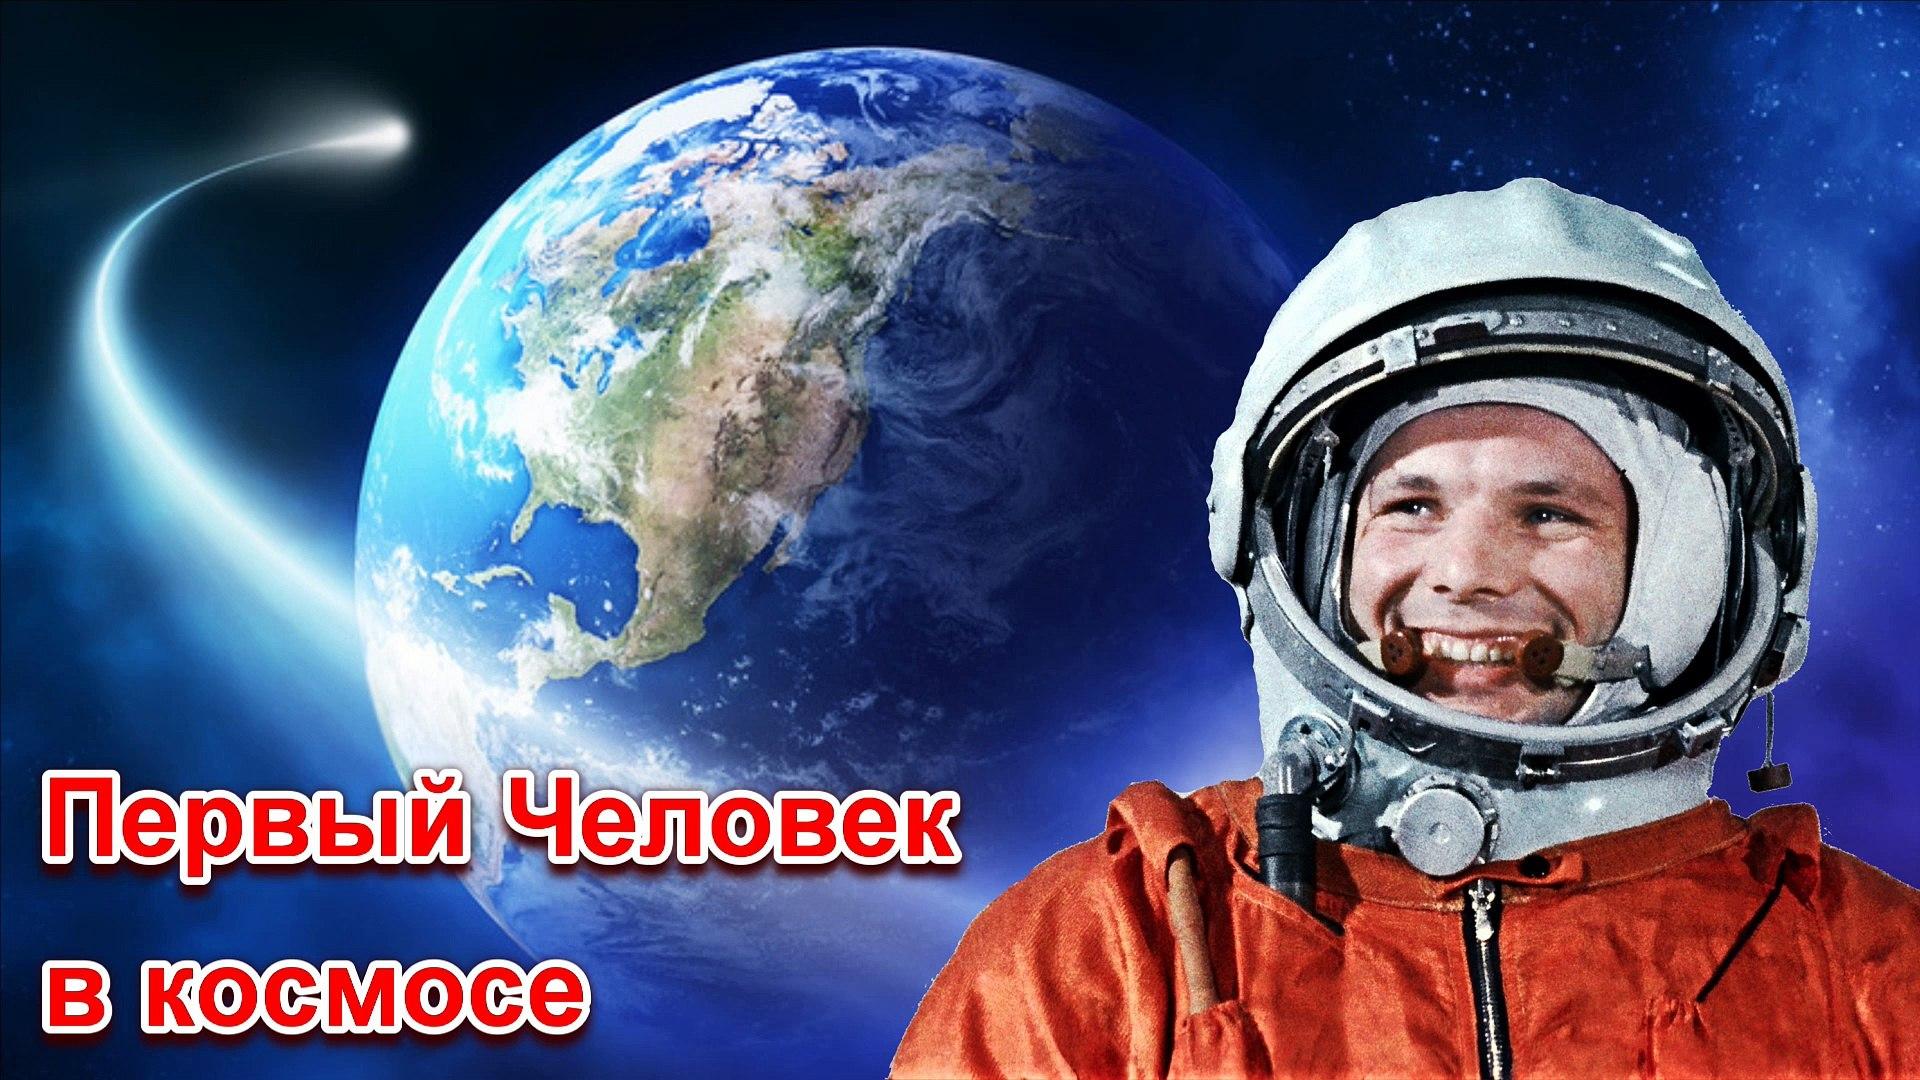 Картинки гагарина в космосе для детей, ксенией петербургской